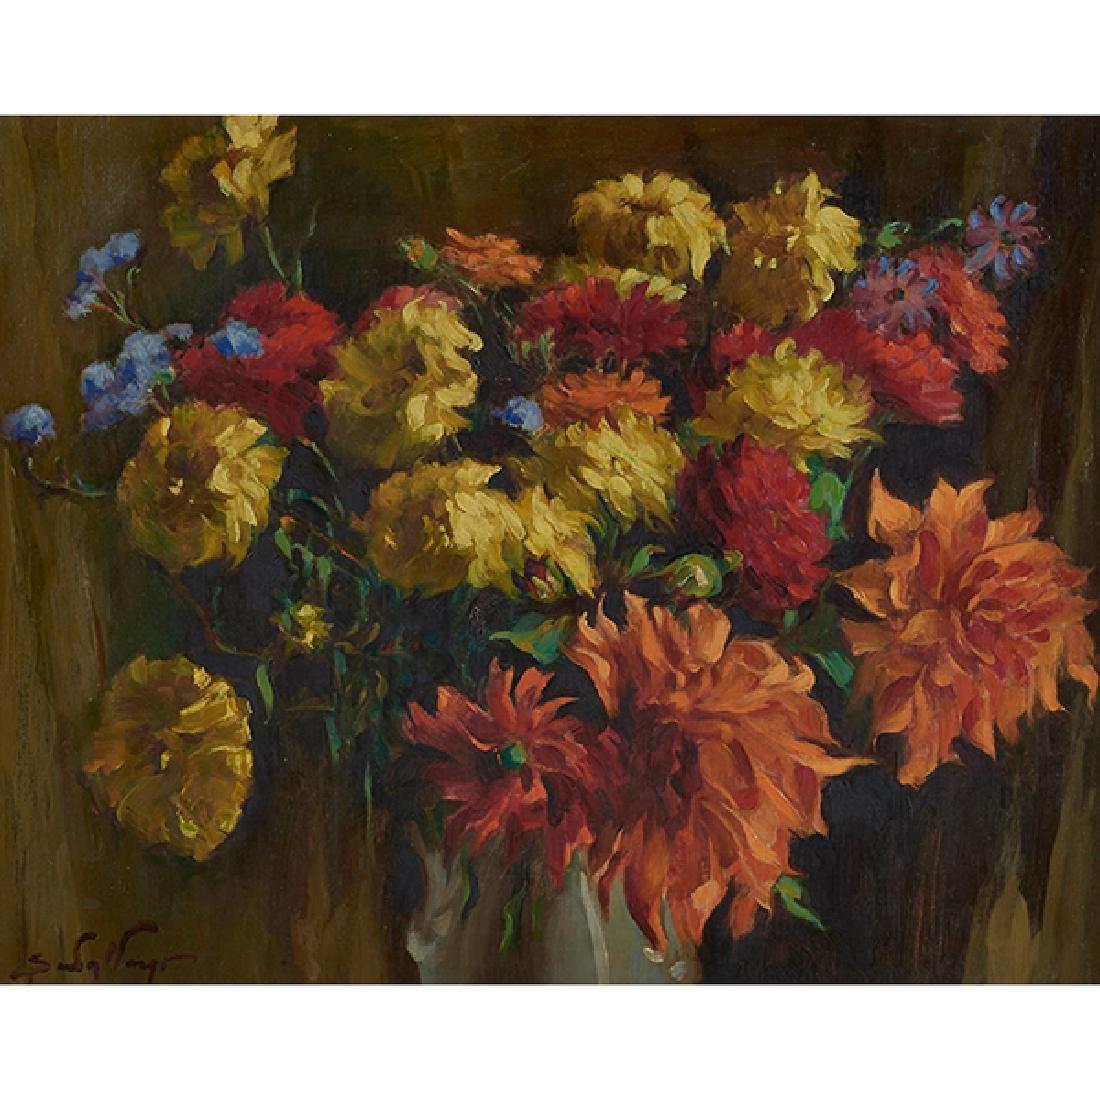 Sandor Vago, (American/Hungarian, 1887-1946), Still